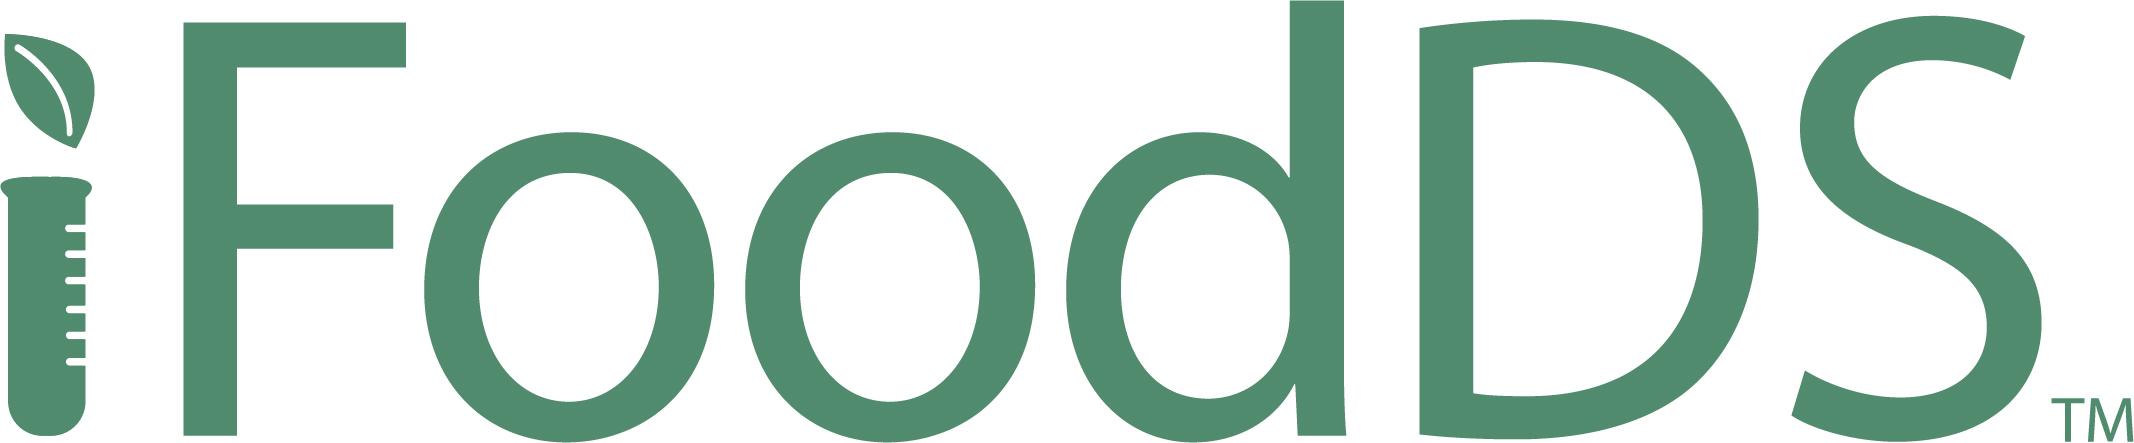 iFoodDS dark green logo 550x400.jpg